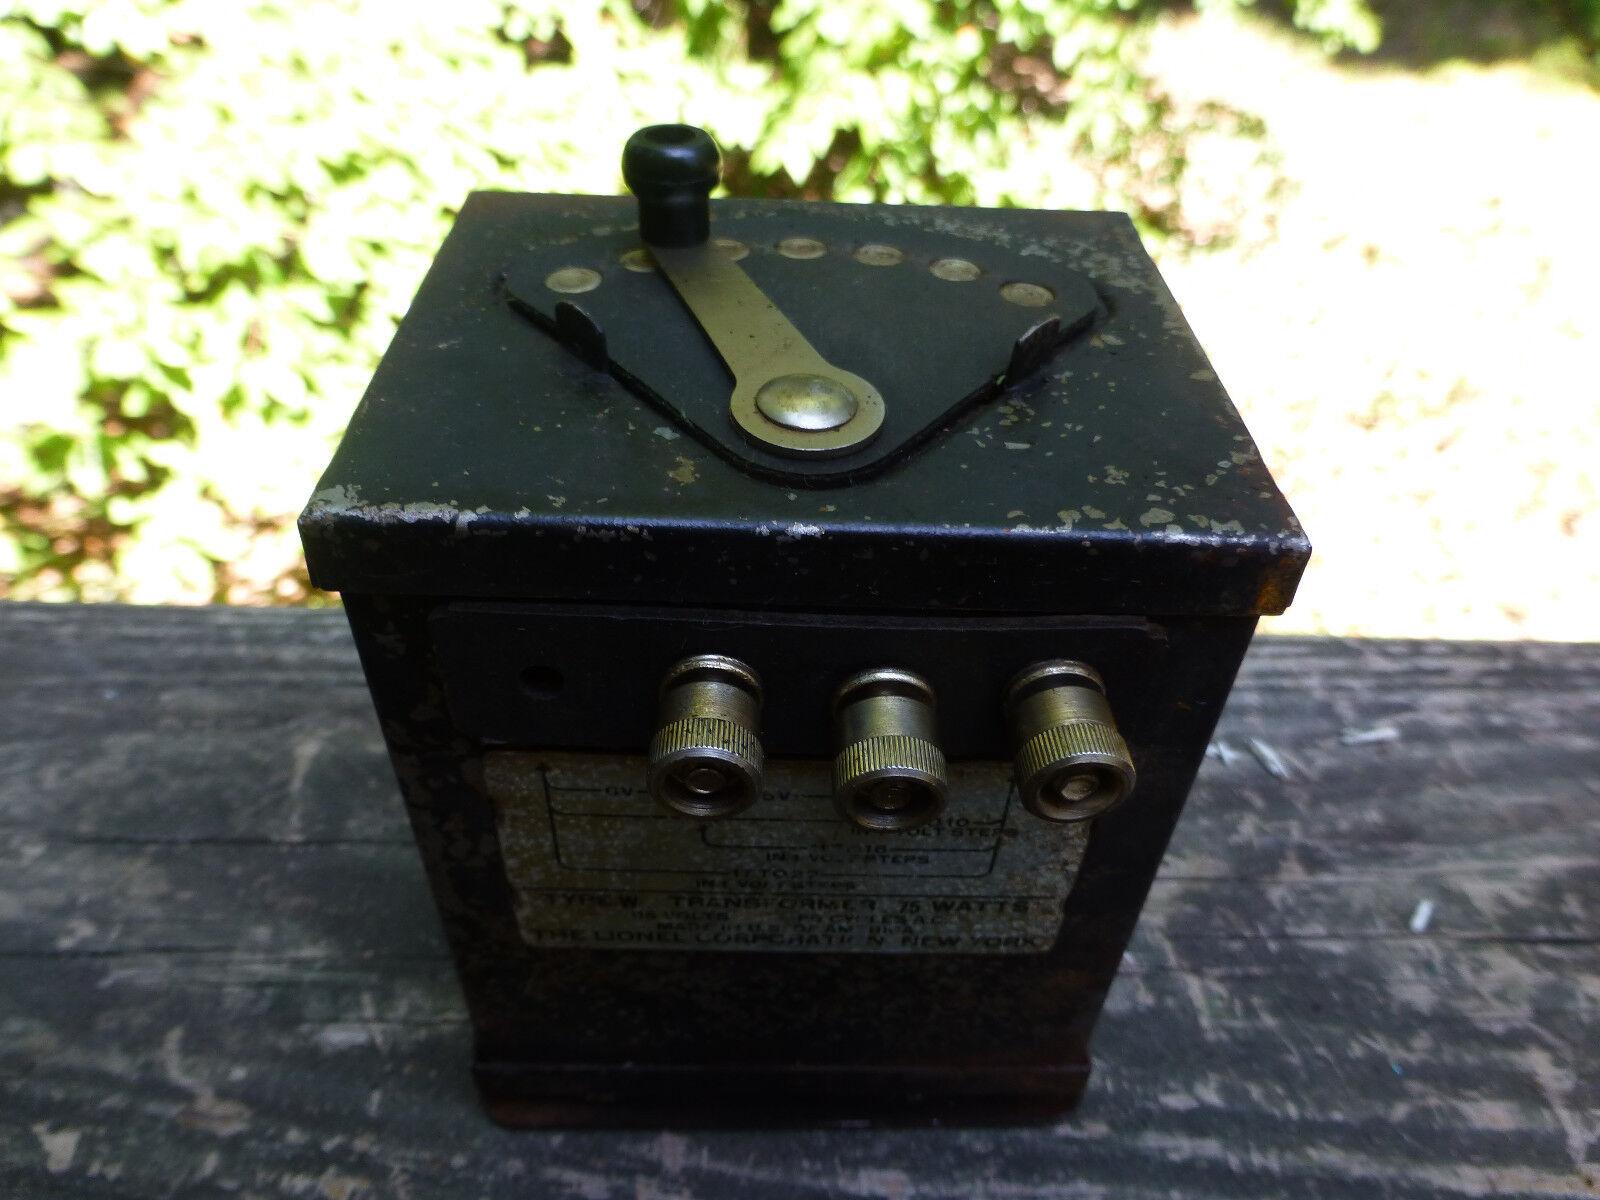 Vintage Lionel Type W 115 Volts 75 Watt Transformer